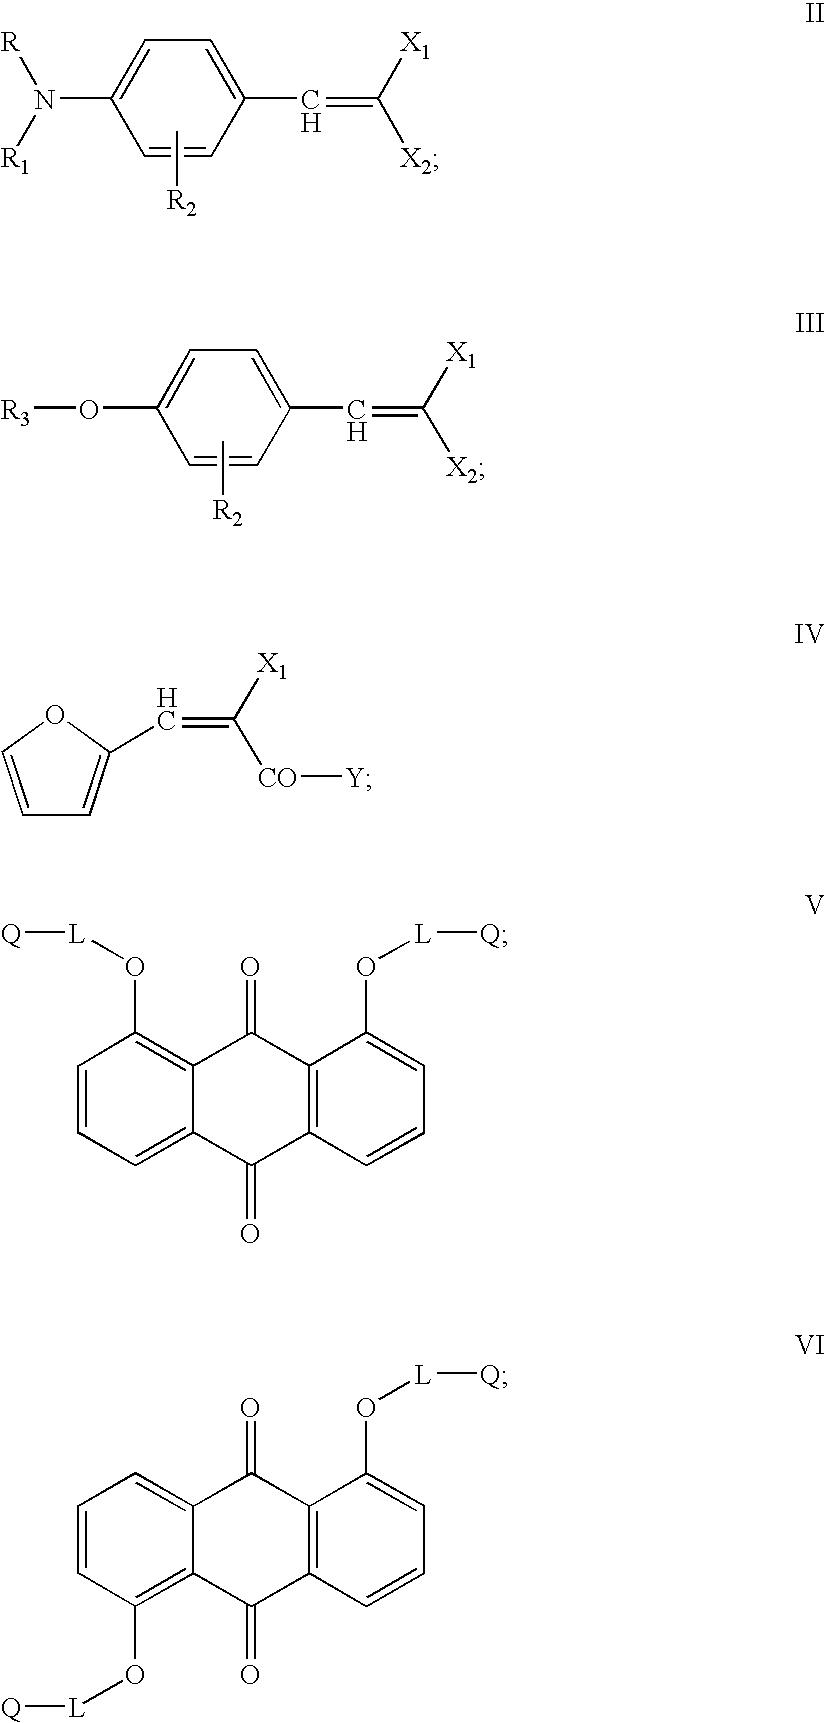 Figure US20060115516A1-20060601-C00002